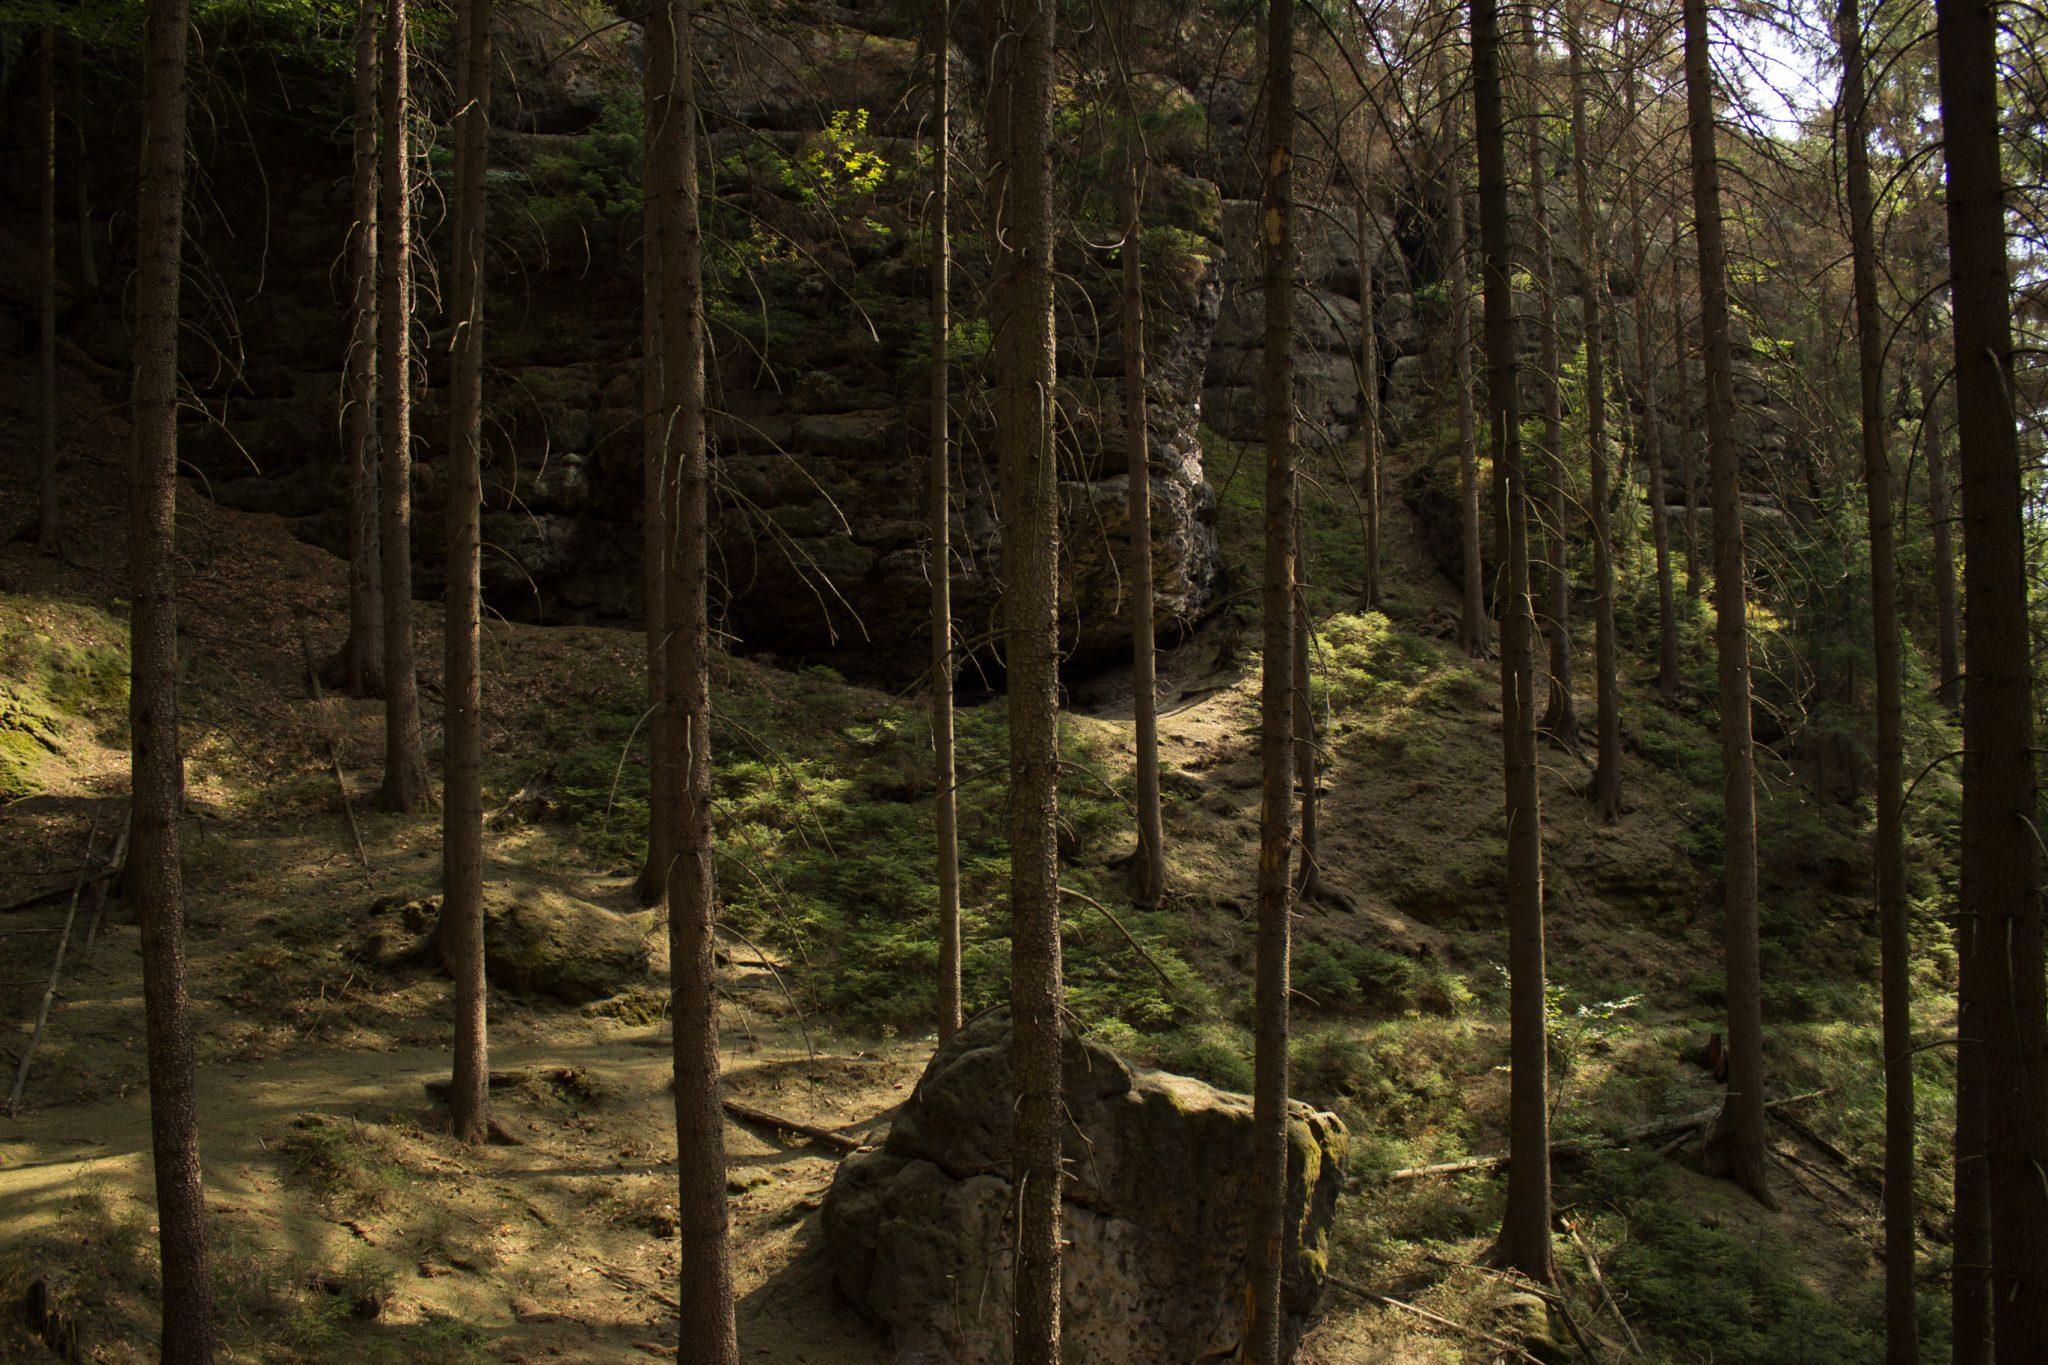 Zeughaus Hickelhöhle und Großer Reitsteig - im Kirnitzschtal wandern, Wanderweg im Wanderparadies Sächsische Schweiz mit vielen tollen Aussichten, riesiger Felsennationalpark